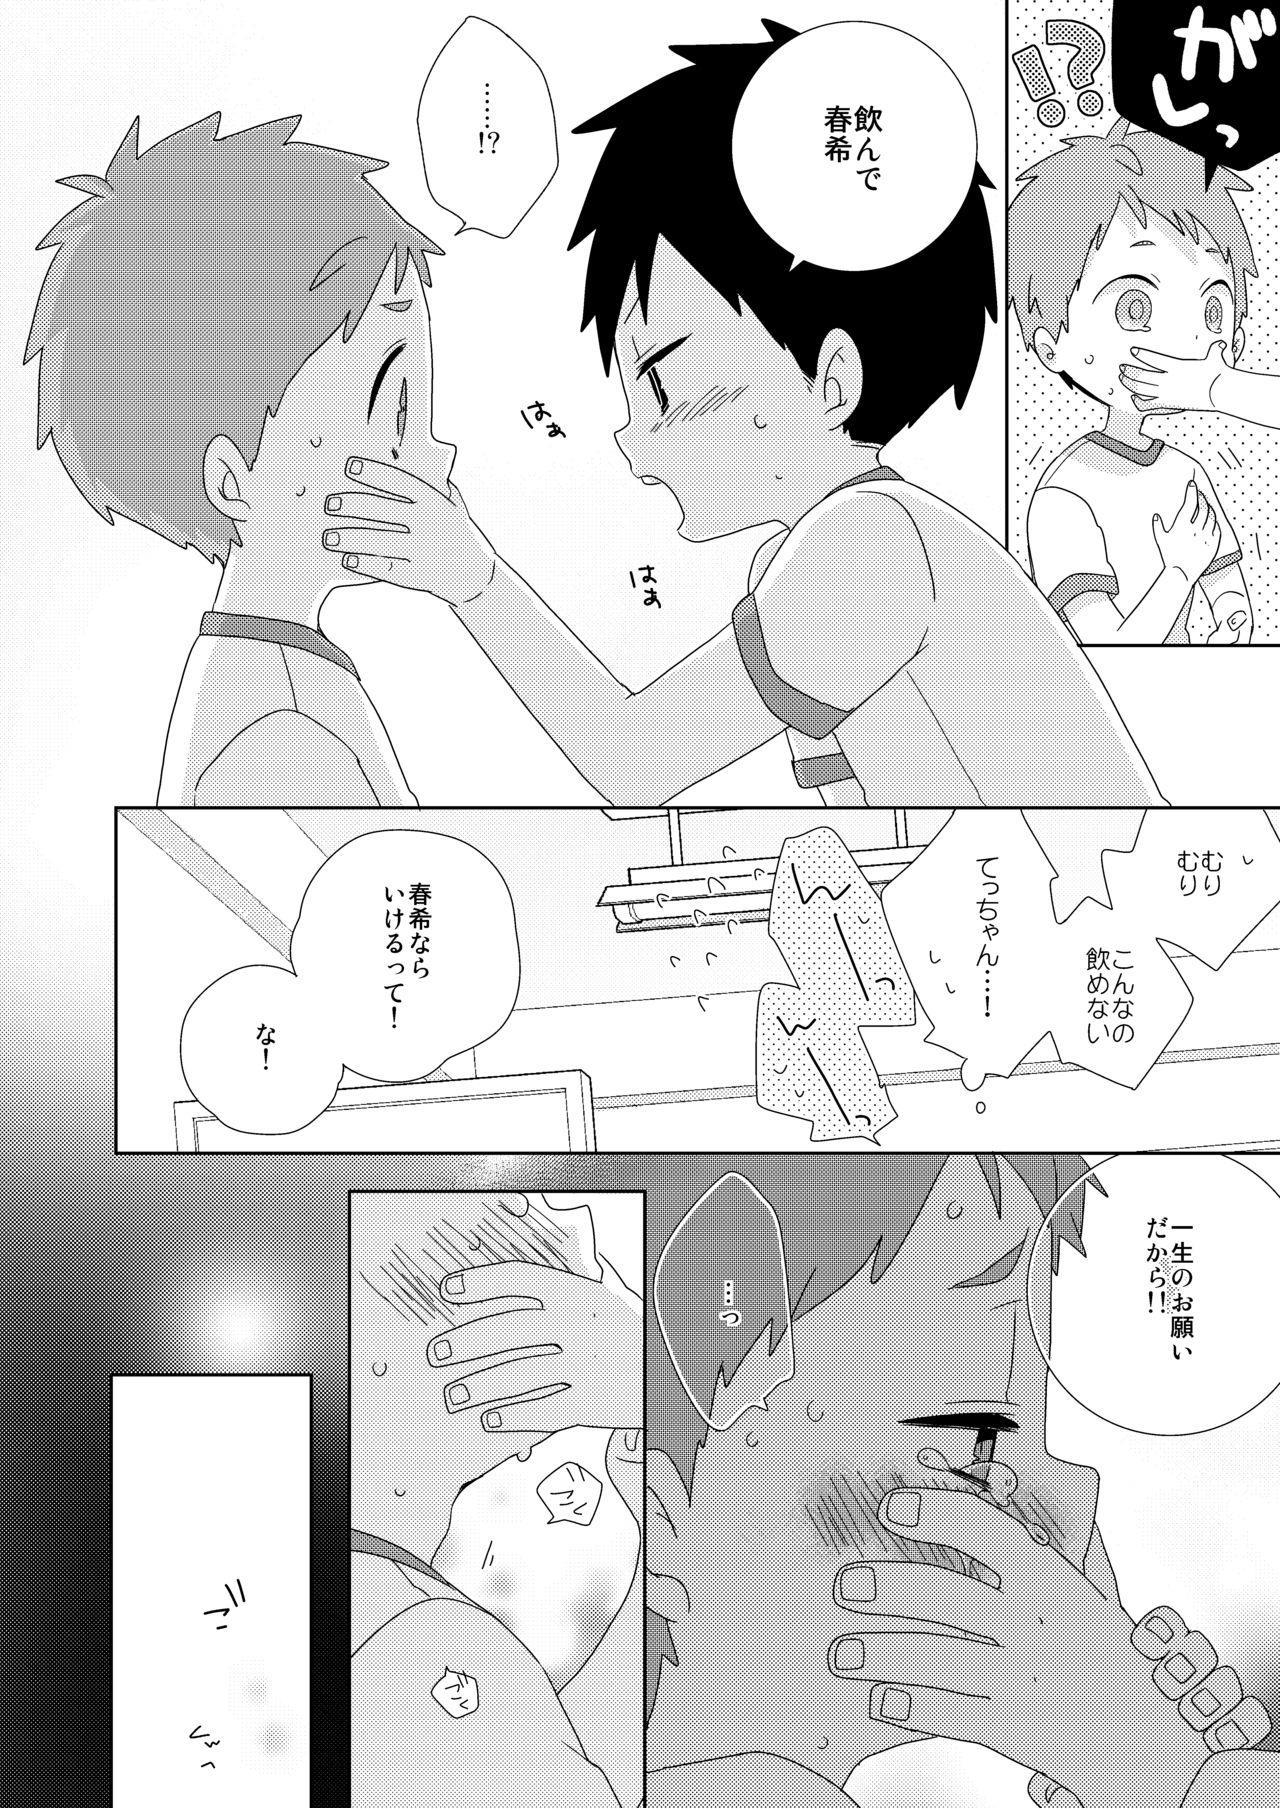 Tomodachi to wa Konna Koto Shinai! 9